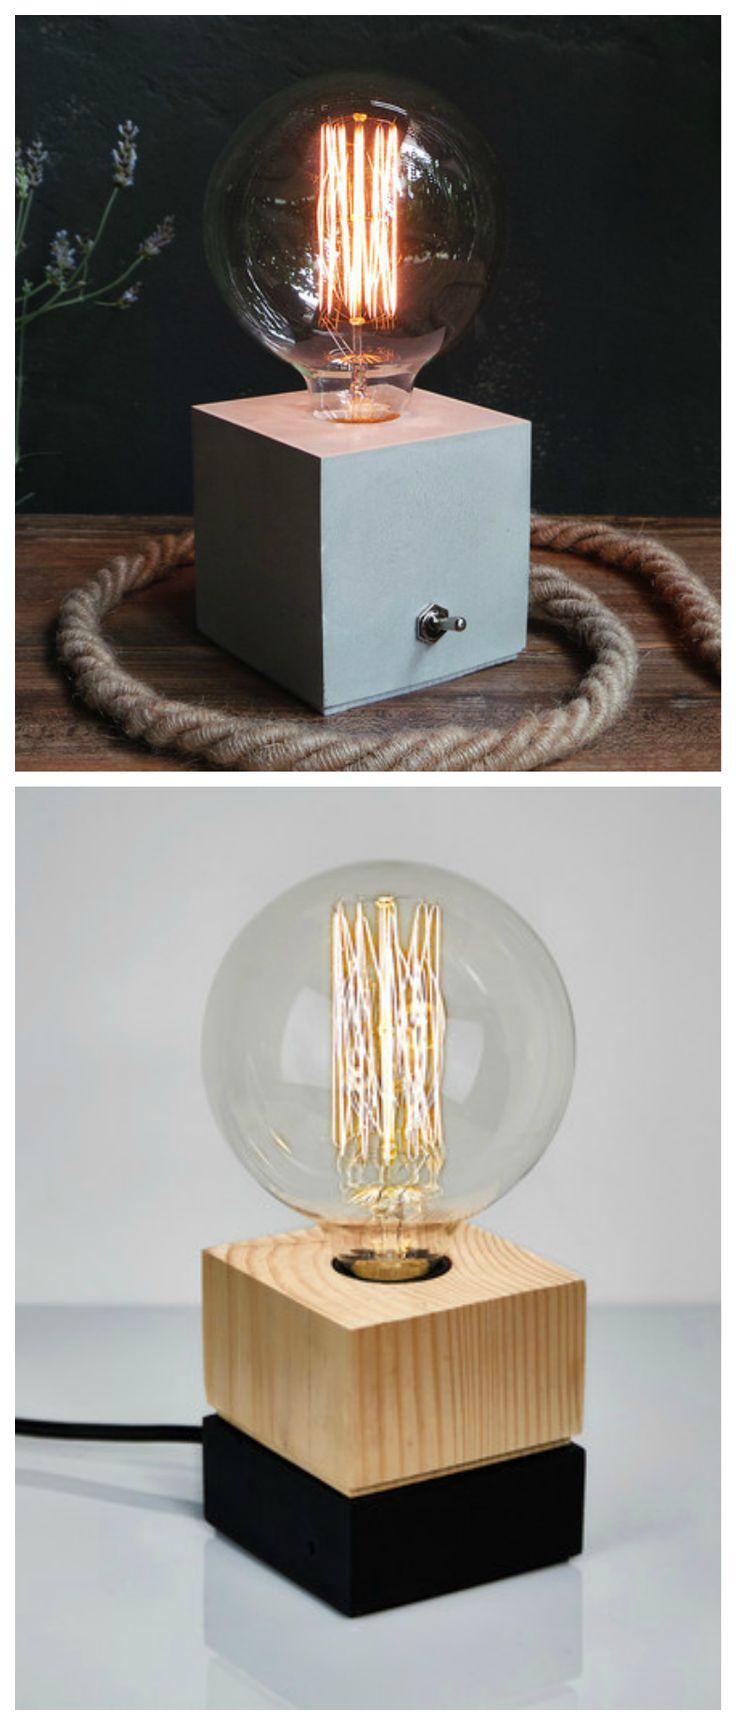 die besten 25 edison lampen ideen auf pinterest. Black Bedroom Furniture Sets. Home Design Ideas